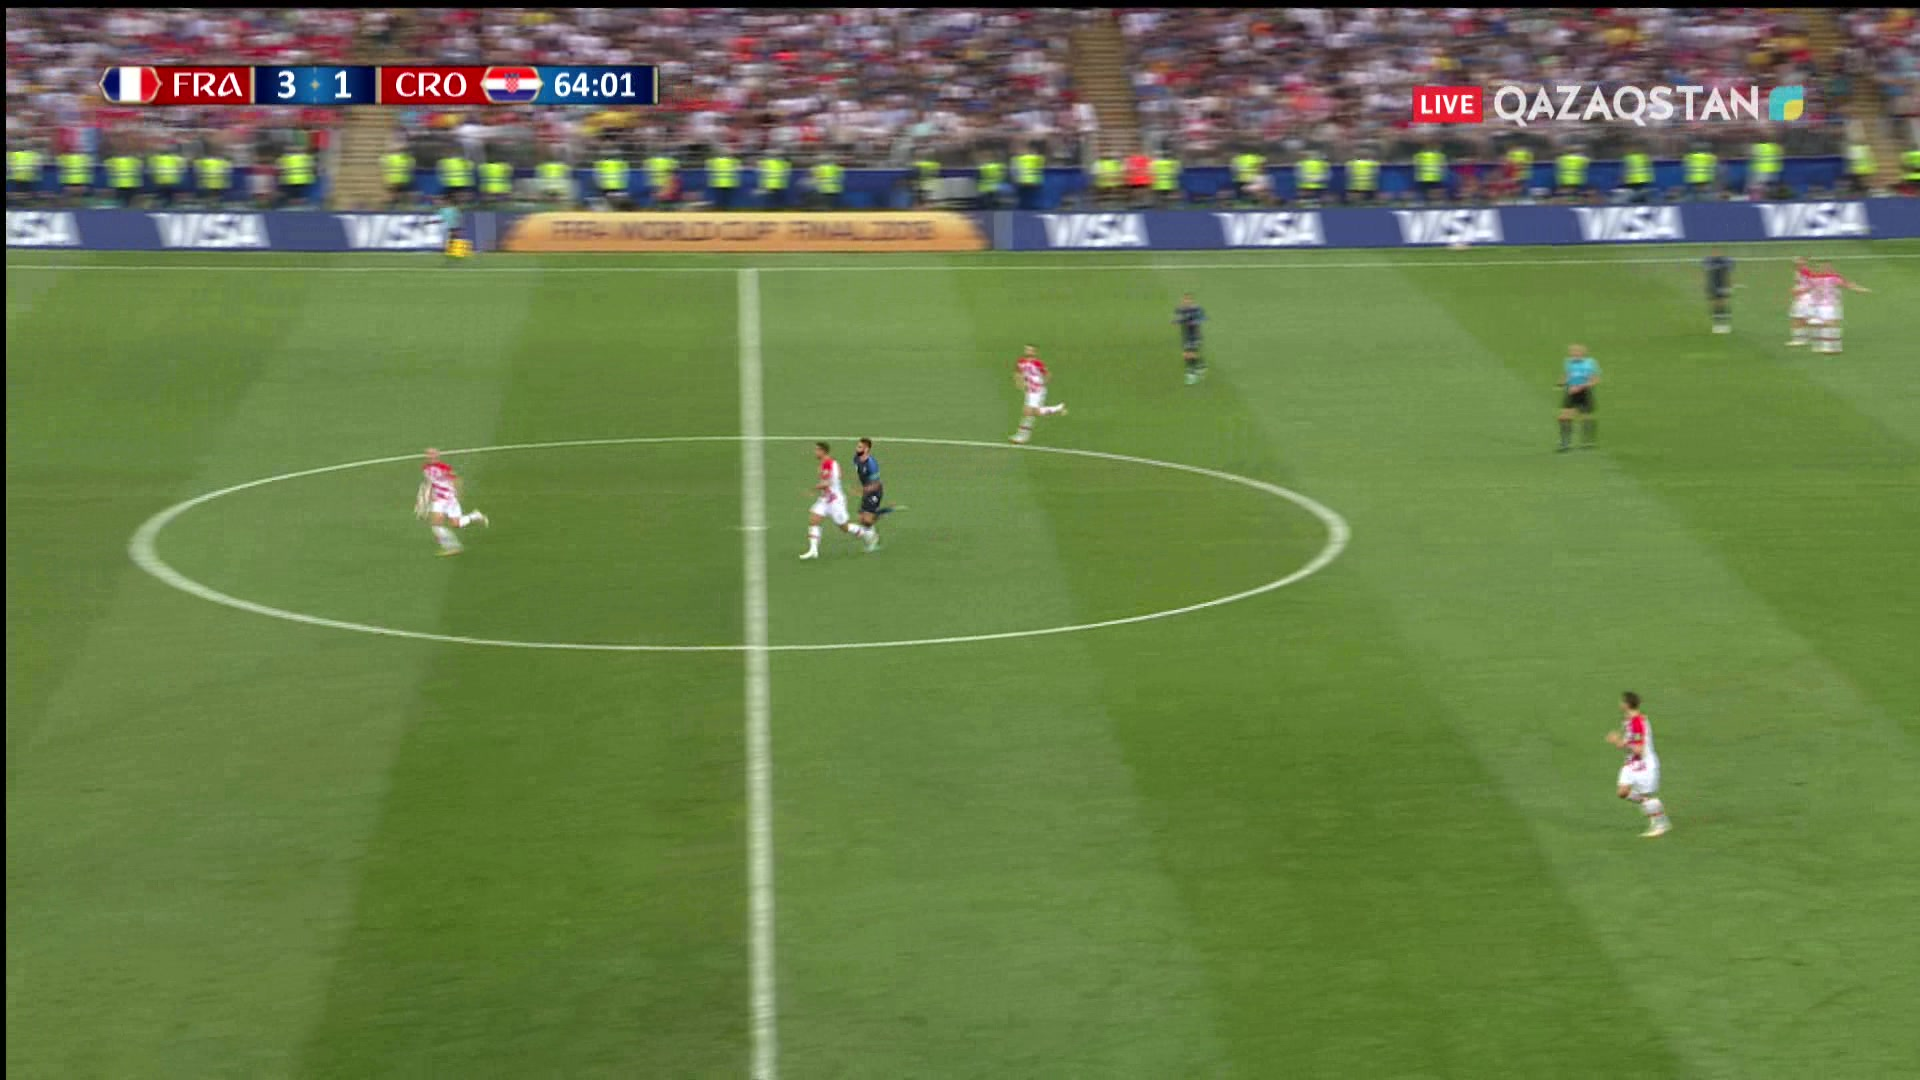 Франция – Хорватия - 4:1 | Әлем Чемпионаты 2018: Киллиан Мбаппе қарсылас қақпашысын қапы қалдырды